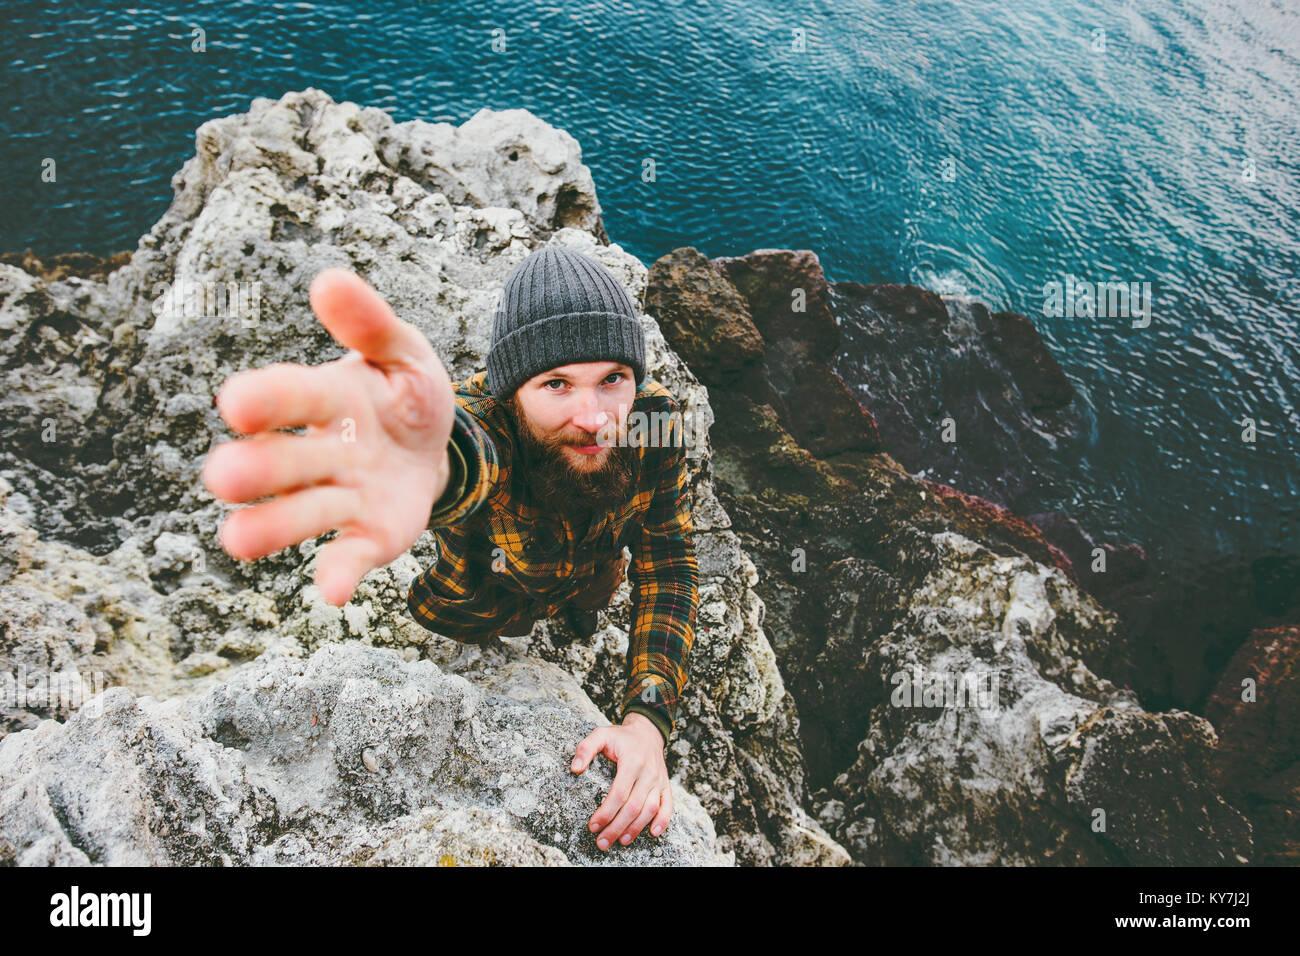 Aider l'homme à la main donnant vie voyage vacances en mer piscine concept Photo Stock